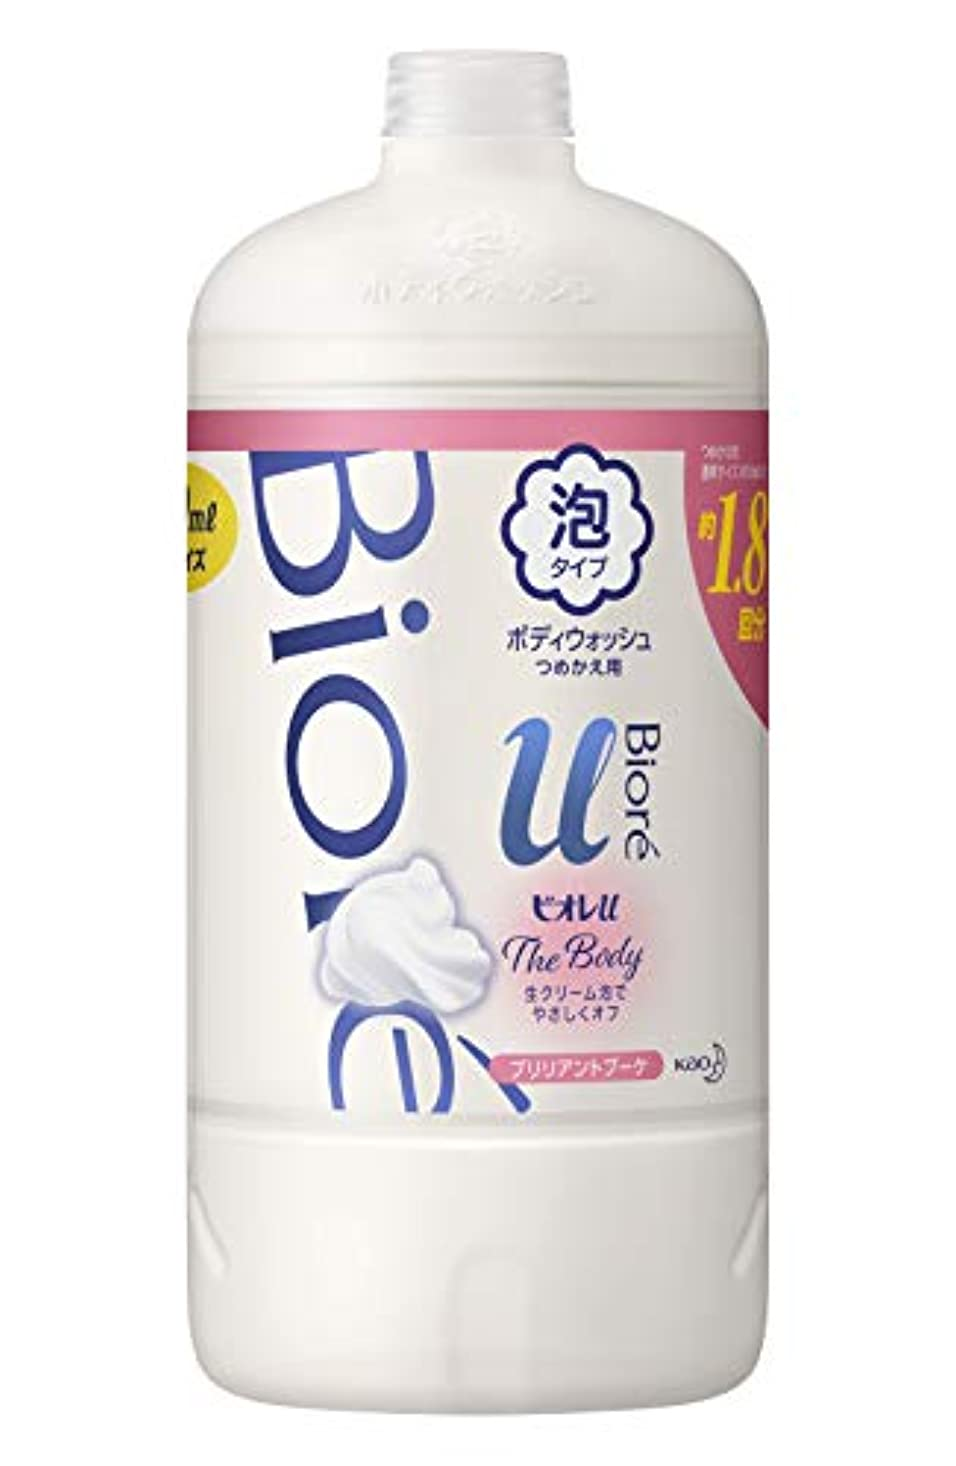 暗黙乱れコンピューターを使用する【大容量】 ビオレu ザ ボディ 〔 The Body 〕 泡タイプ ブリリアントブーケの香り つめかえ用 800ml 「高潤滑処方の生クリーム泡」